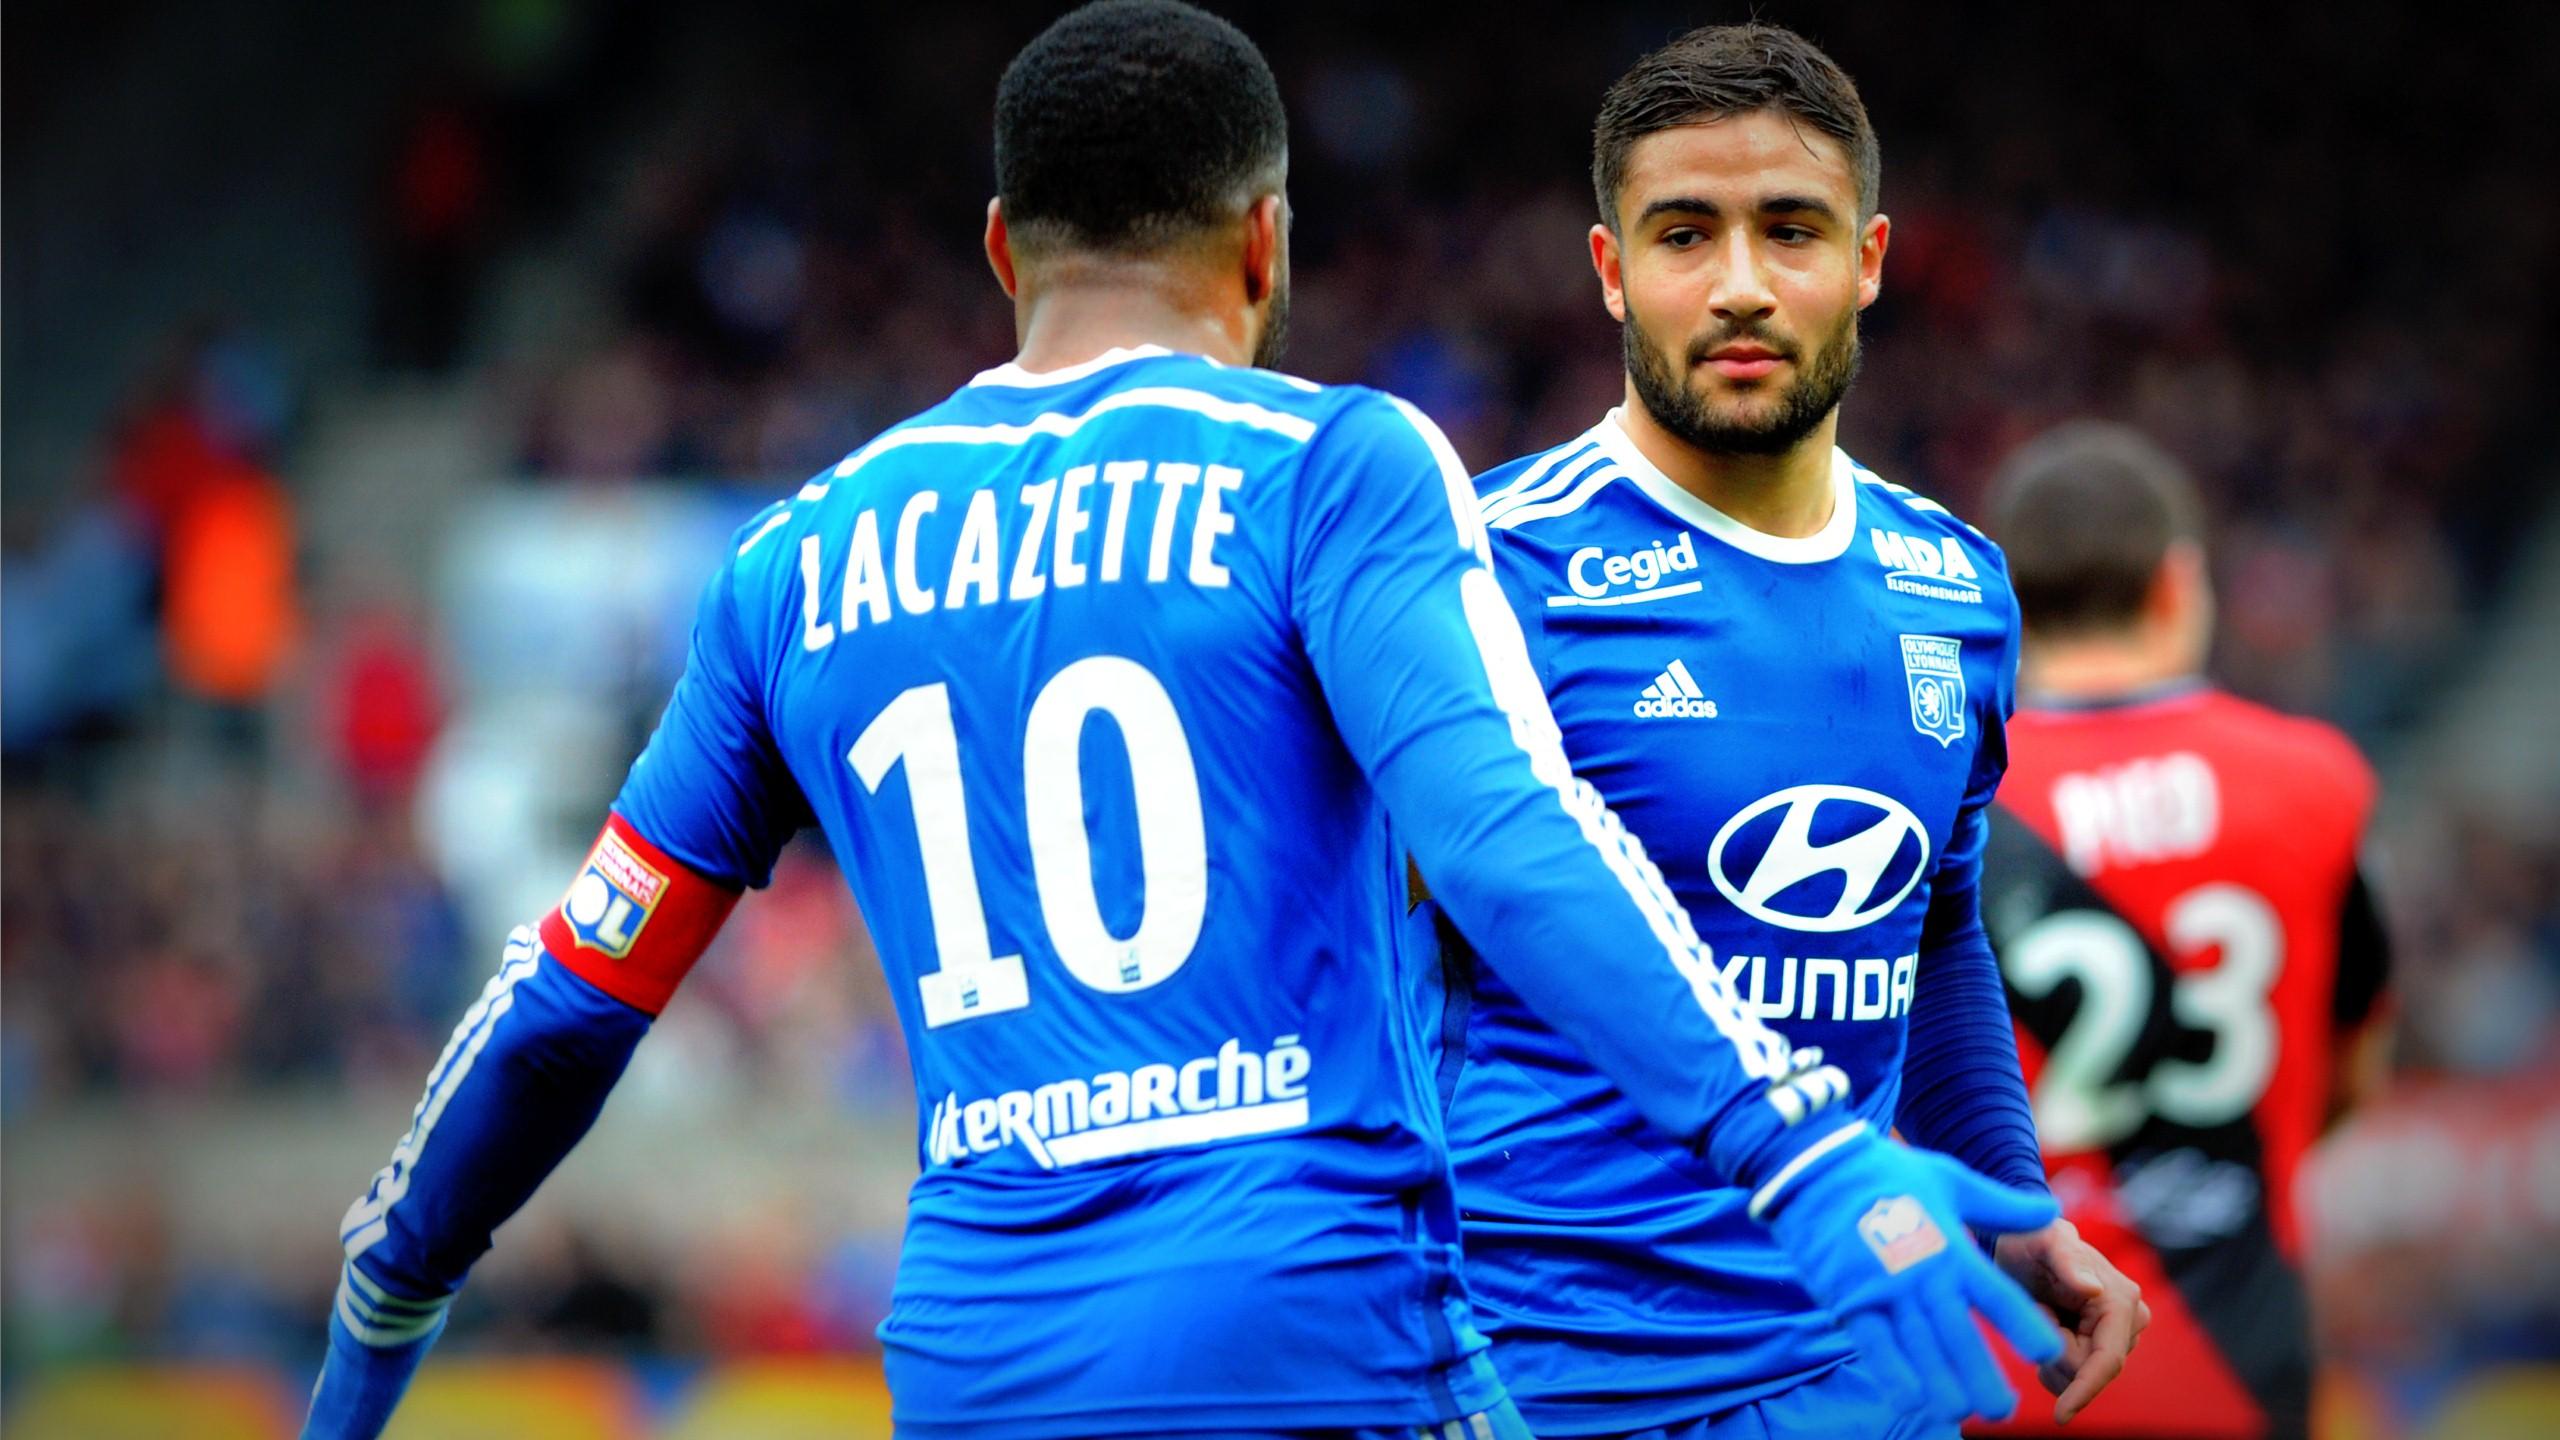 Lacazette et Fekir ont tous les deux marqué à Guingamp.